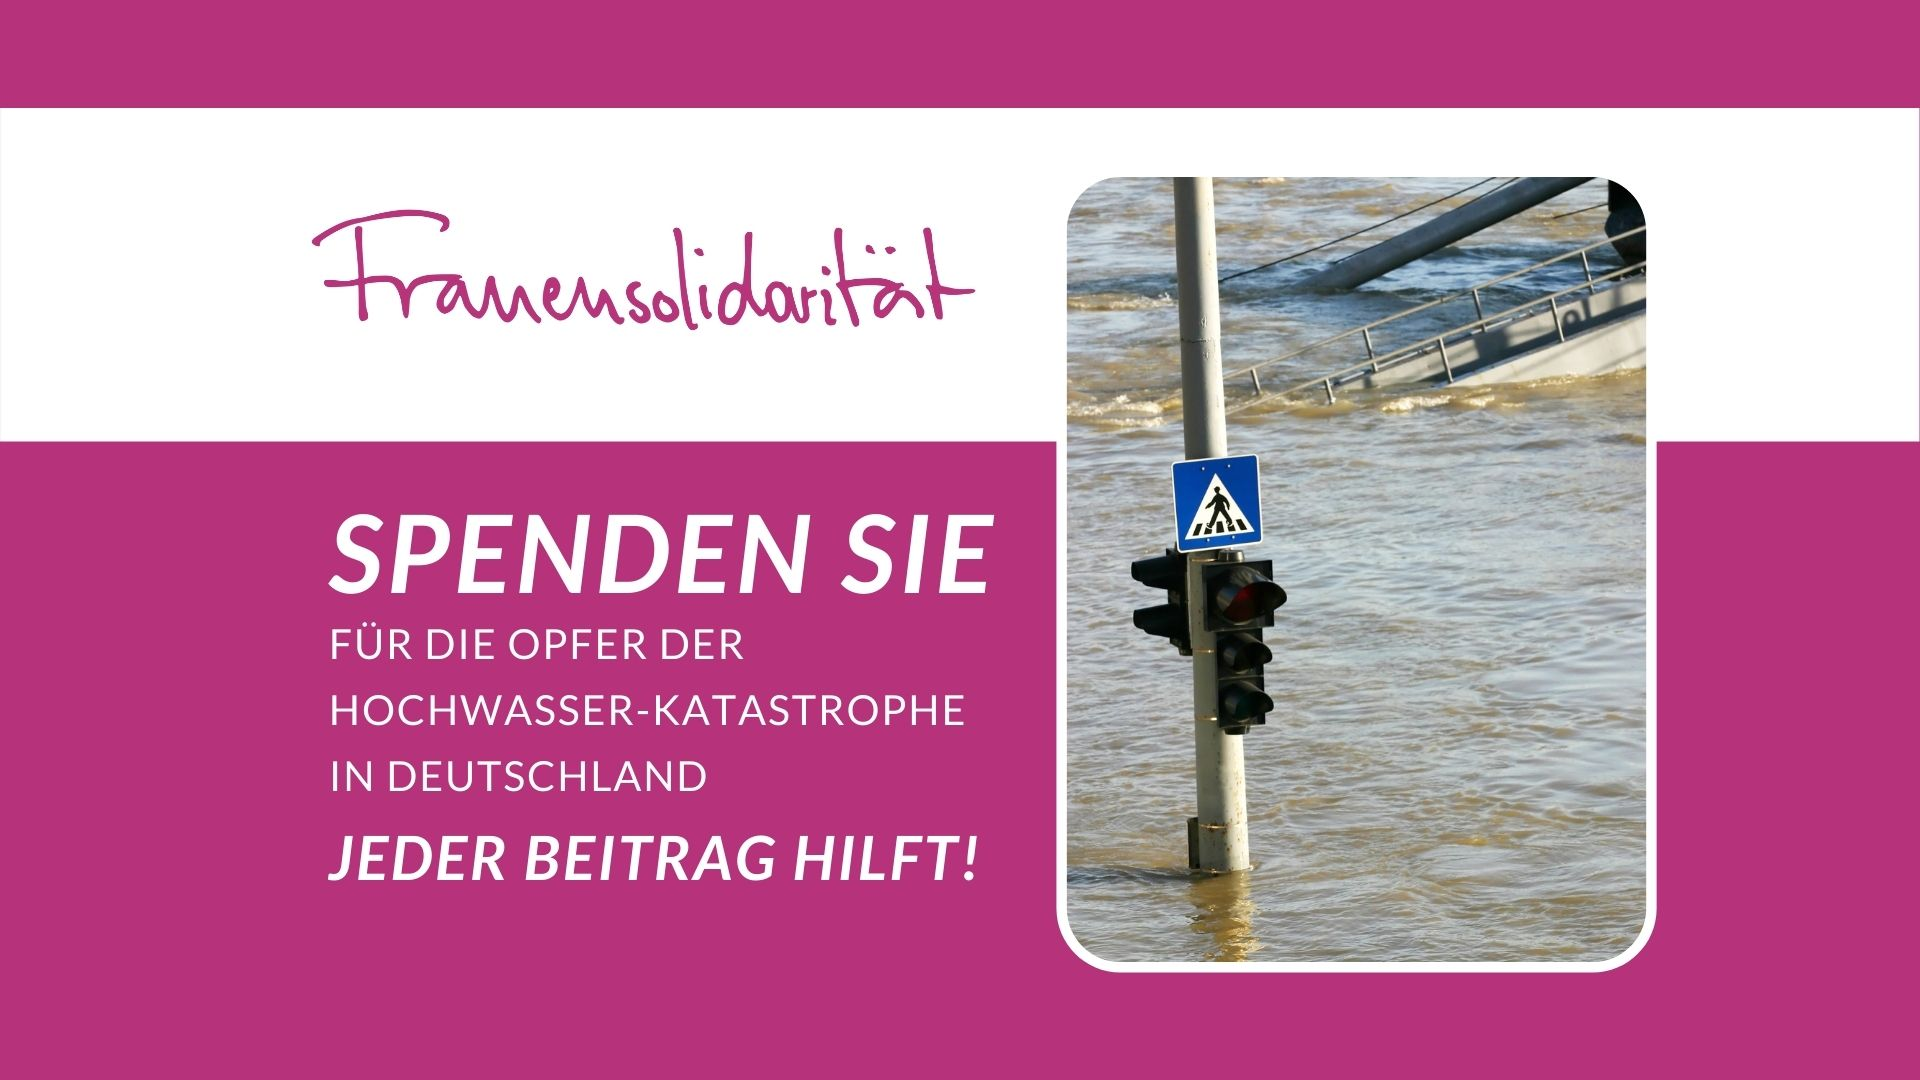 KDFB Spenden Sie Hochwasser-Katastrophe